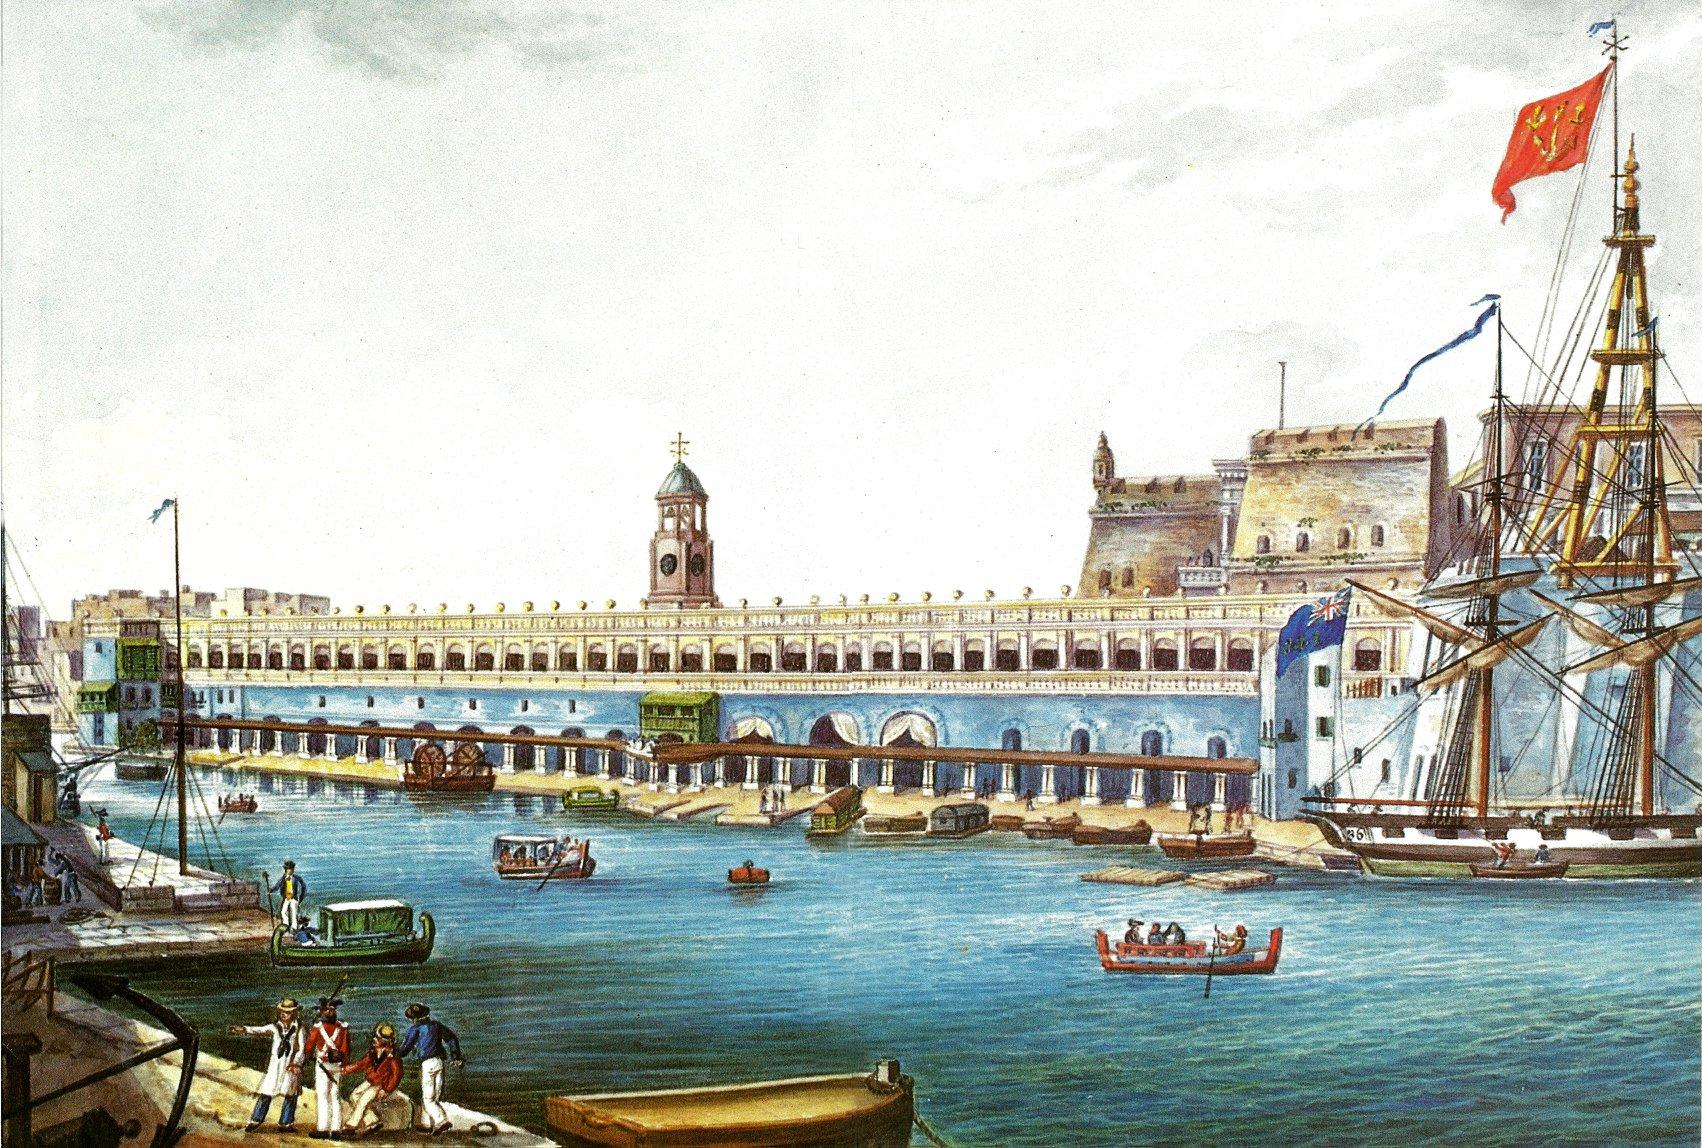 Dockyard in Malta